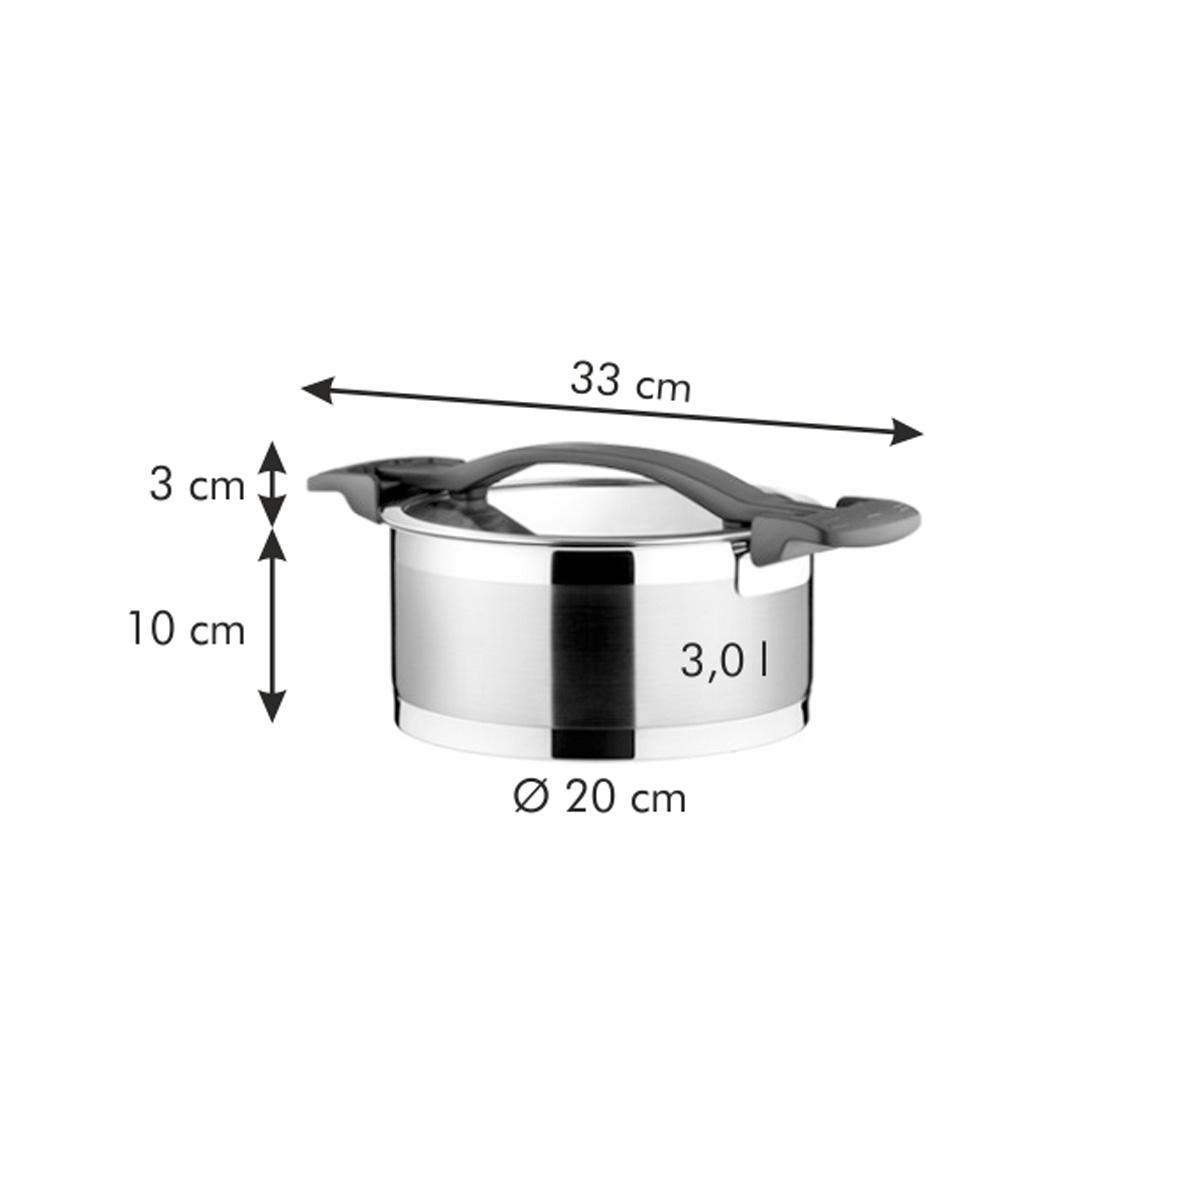 Kastrol ULTIMA s poklicí ø 20 cm, 3.0 l